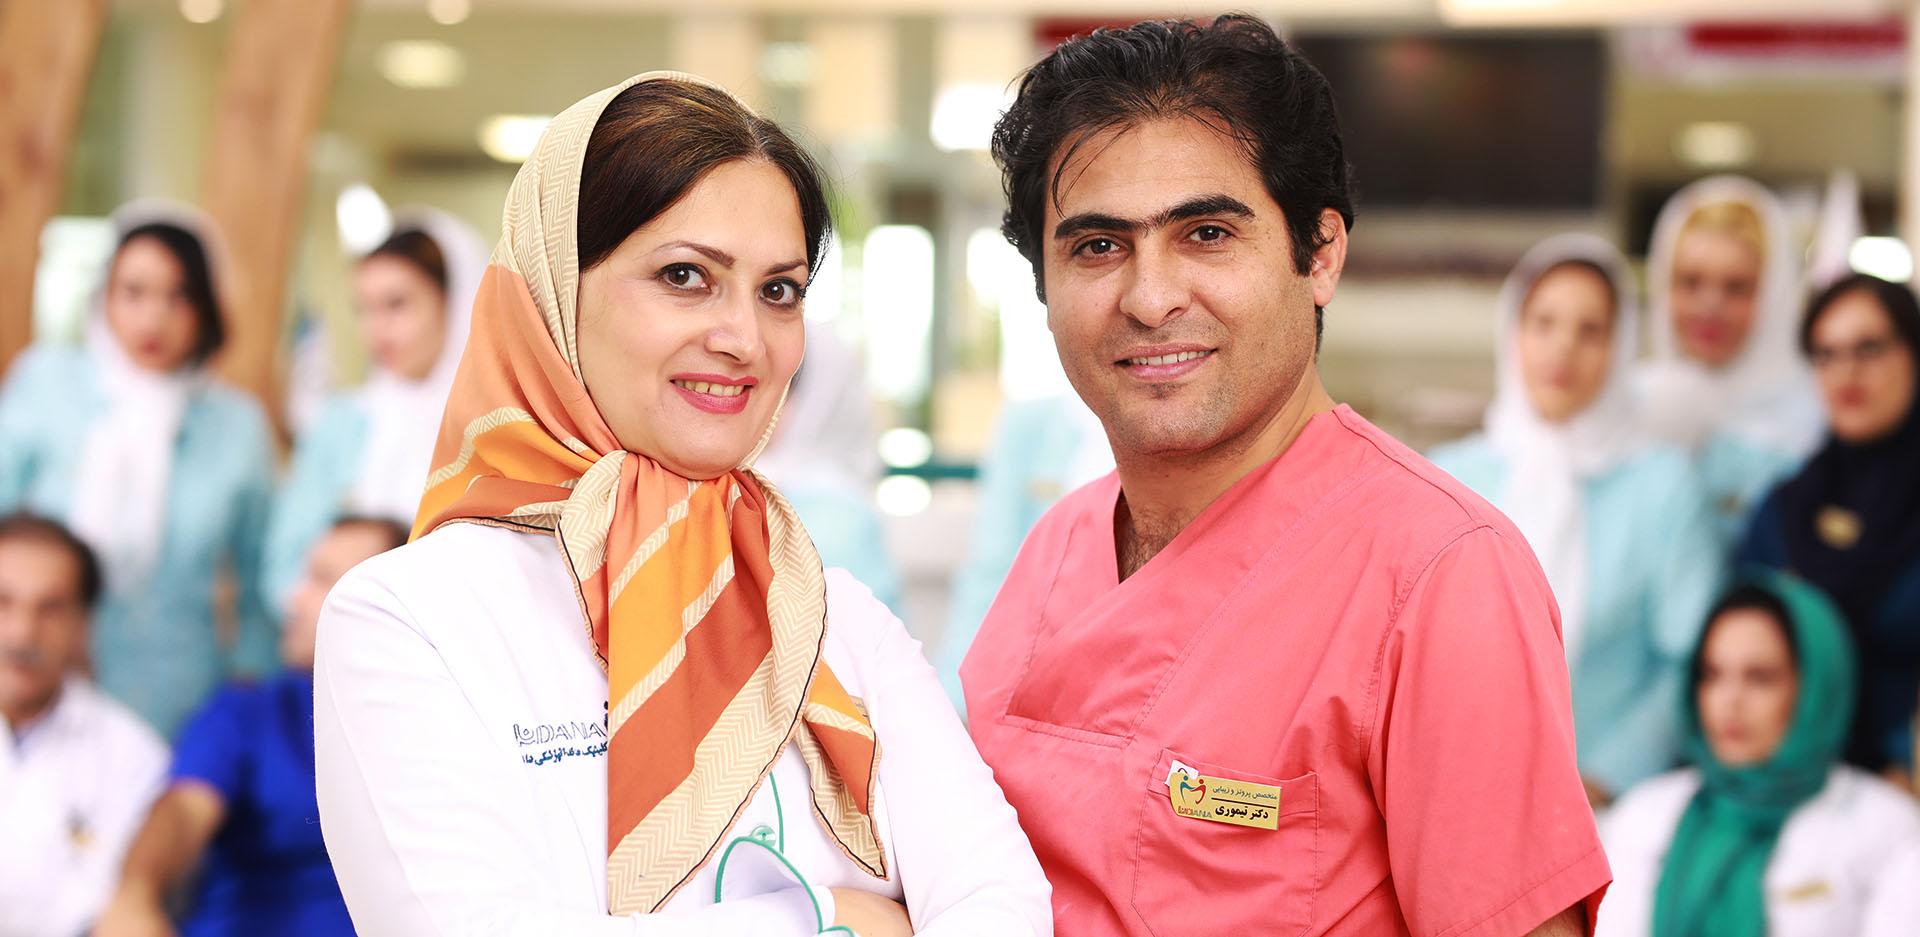 حضور موسسین کلینیک دندانپزشکی دانا در برنامه الا تی تی